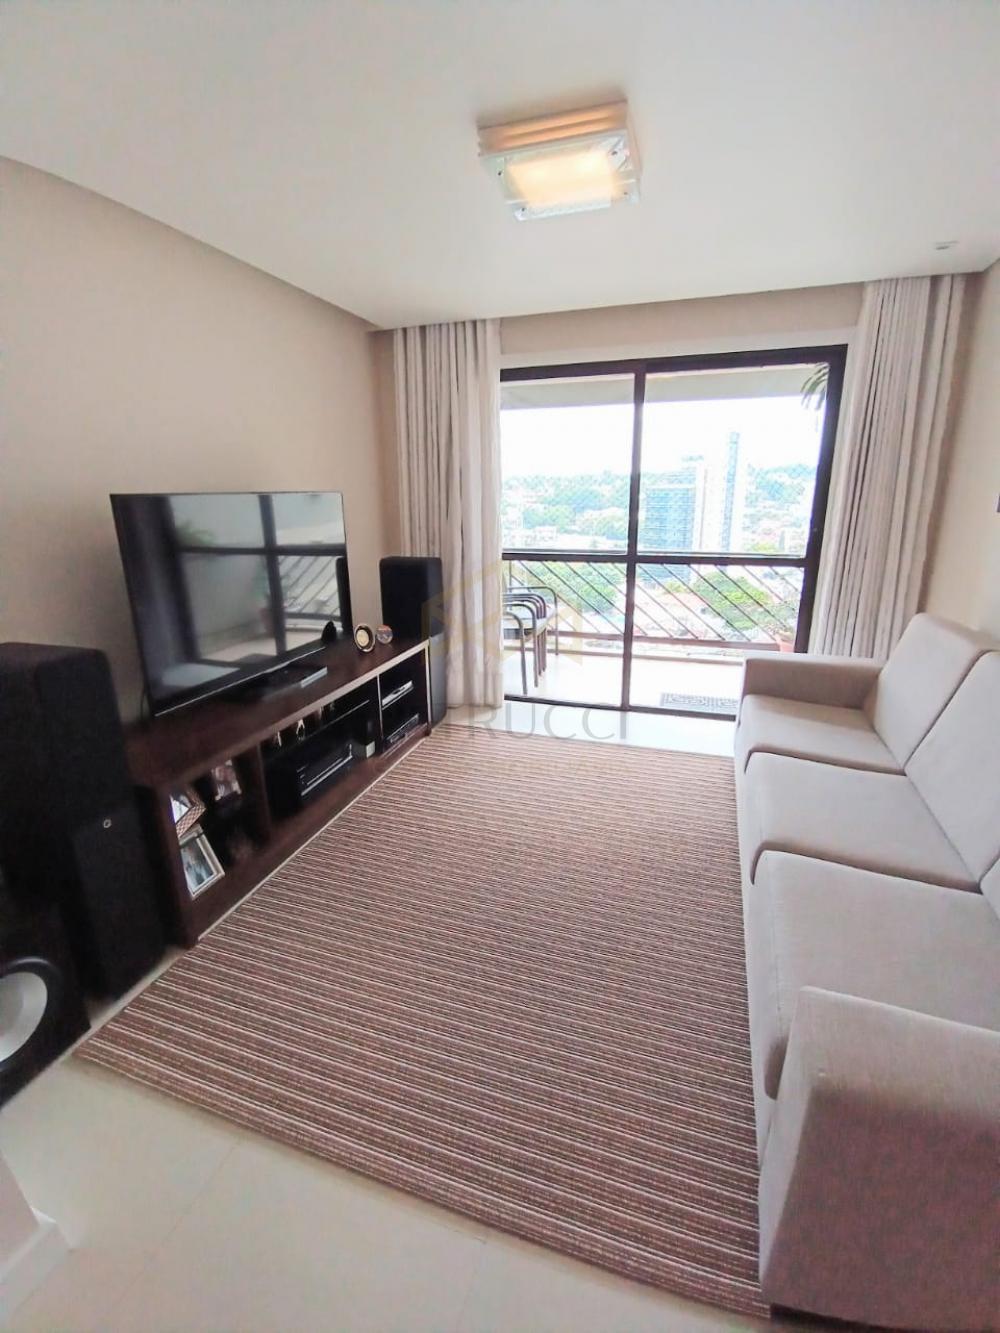 Campinas Apartamento Venda R$850.000,00 Condominio R$870,00 3 Dormitorios 1 Suite Area construida 101.00m2